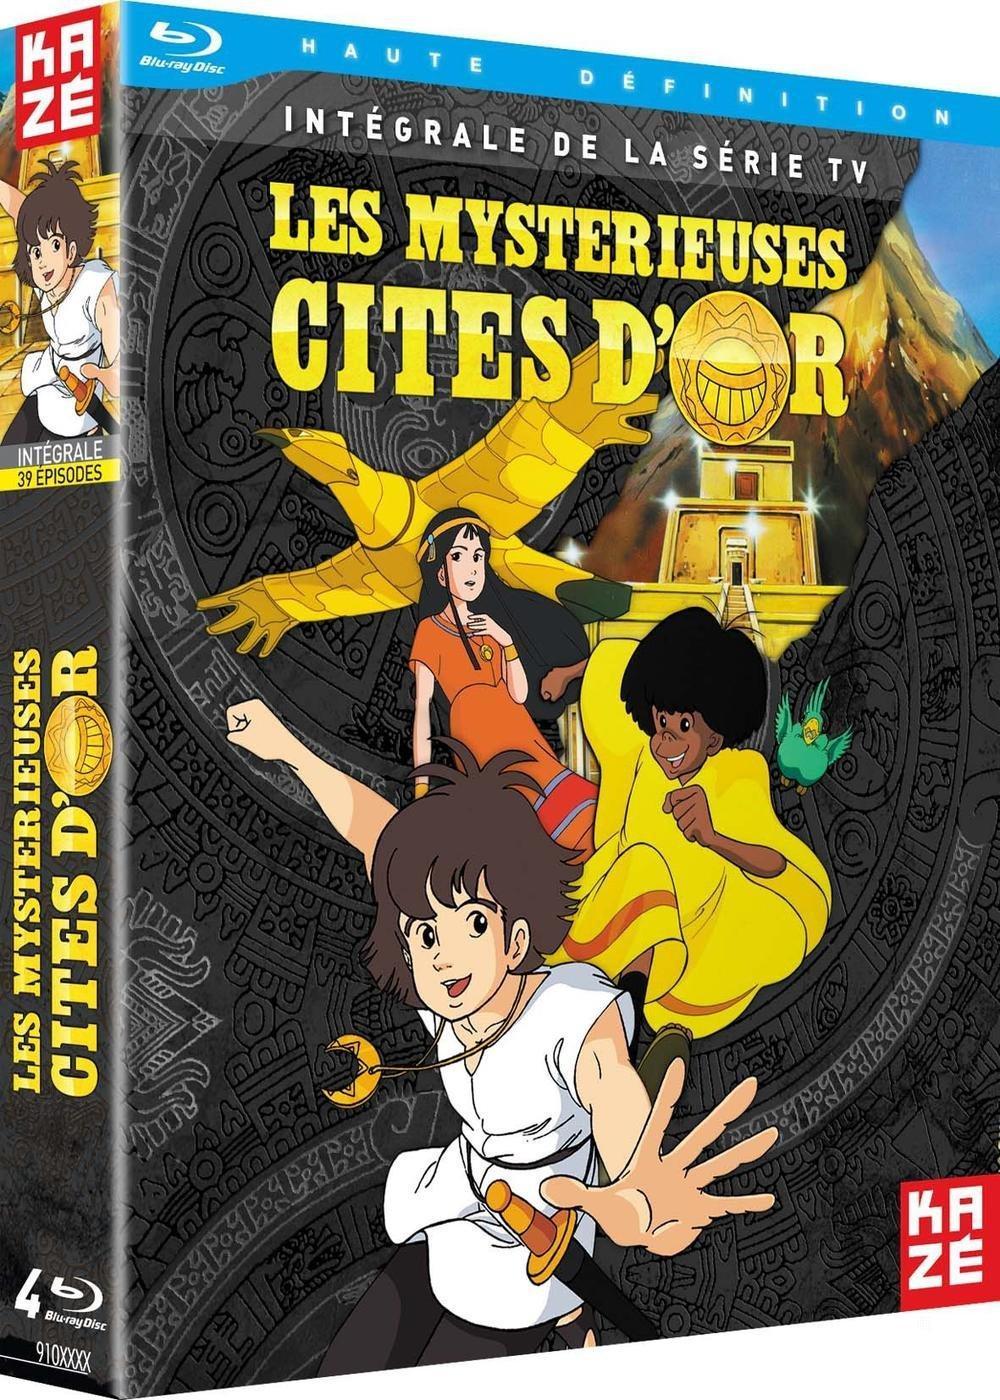 Coffret Blu-ray Mystérieuses Cités d'Or - l'intégrale (1982)